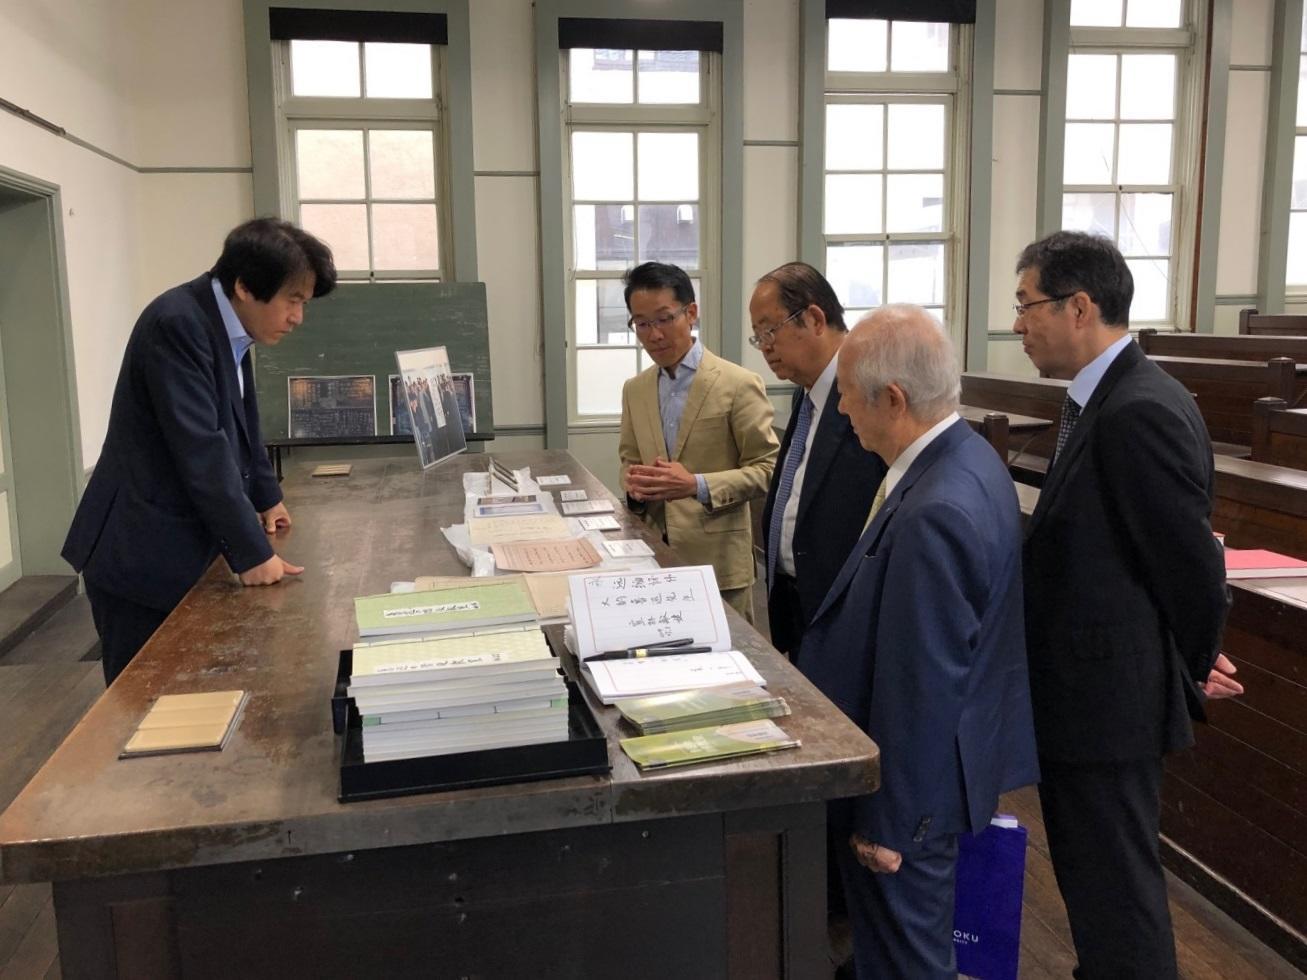 「魯迅の階段教室」で魯迅ゆかりの品々を見る理事長(右から3人目)ら